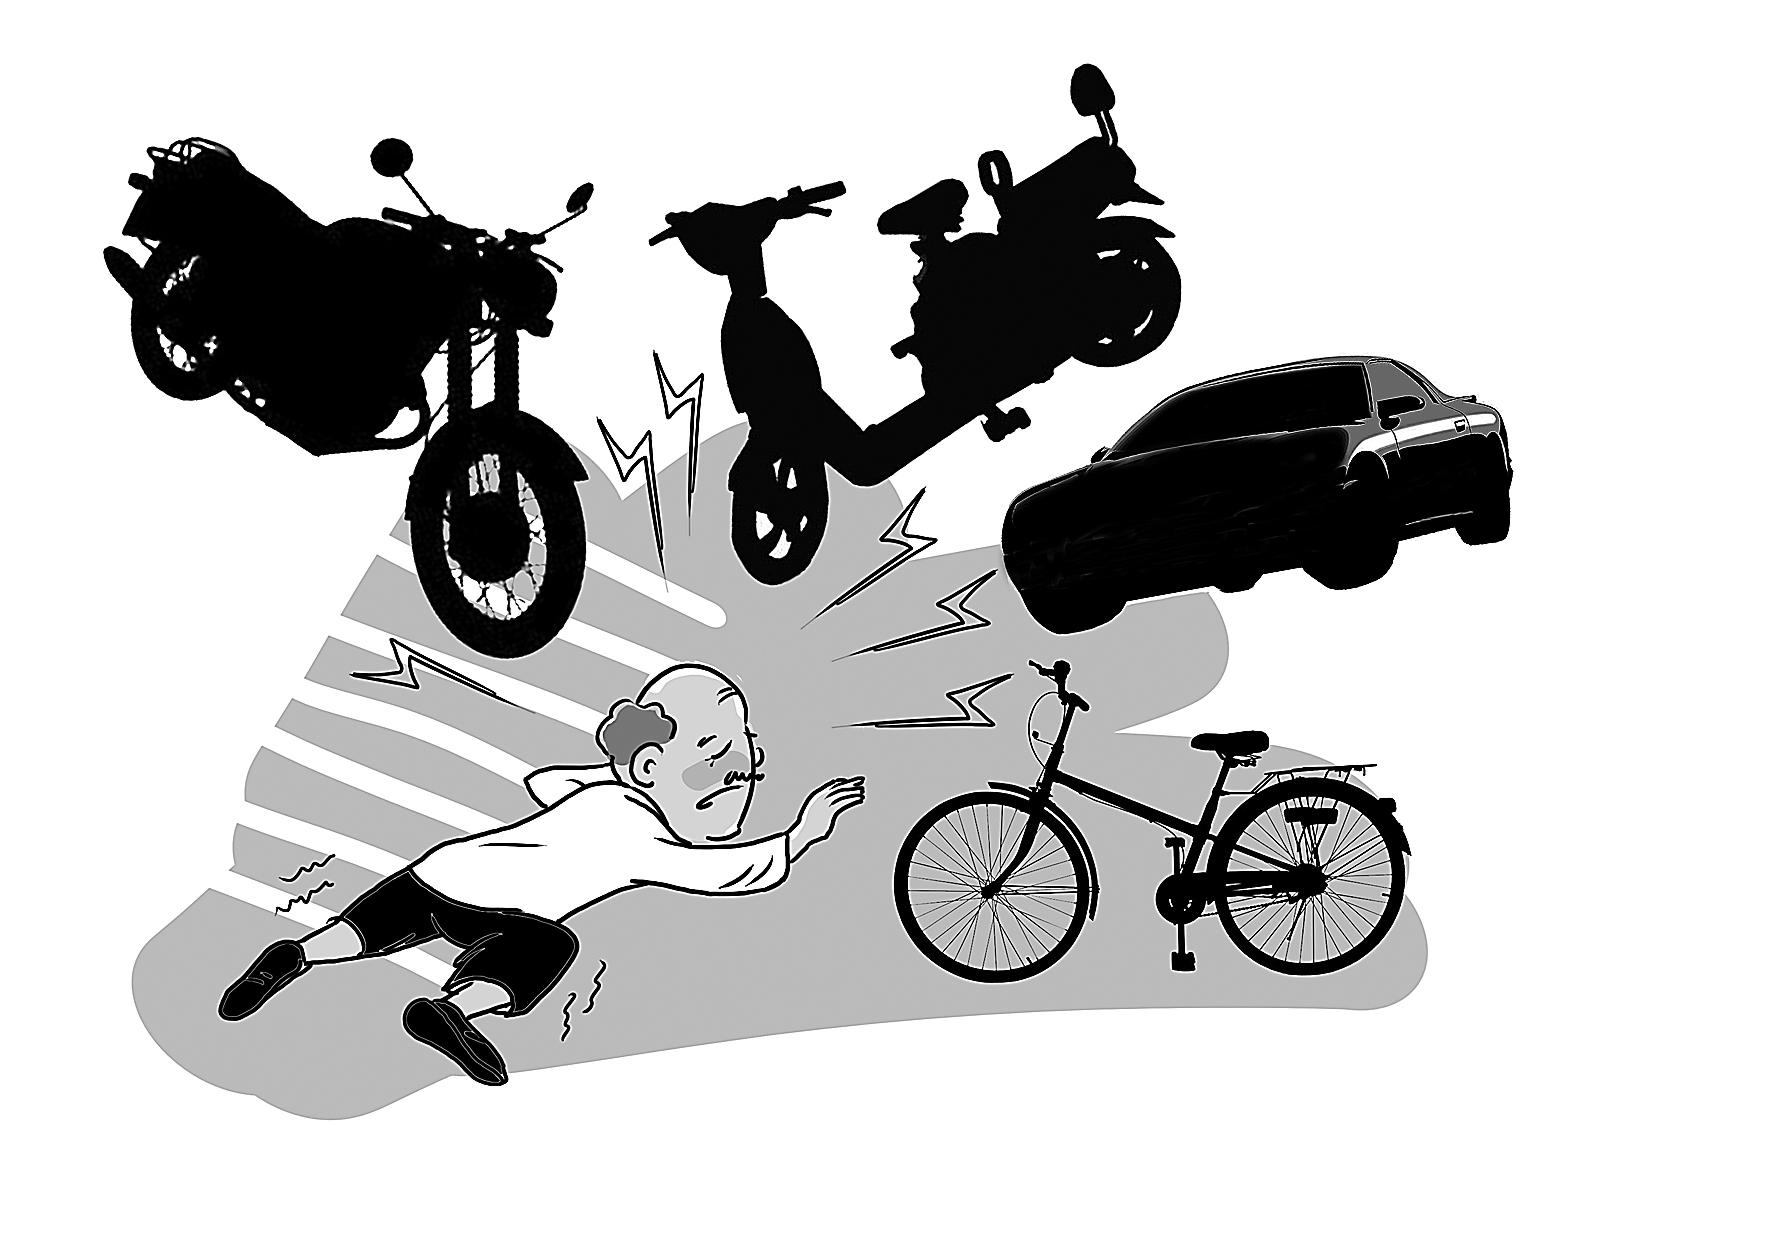 动漫 卡通 漫画 设计 矢量 矢量图 素材 头像 1772_1252